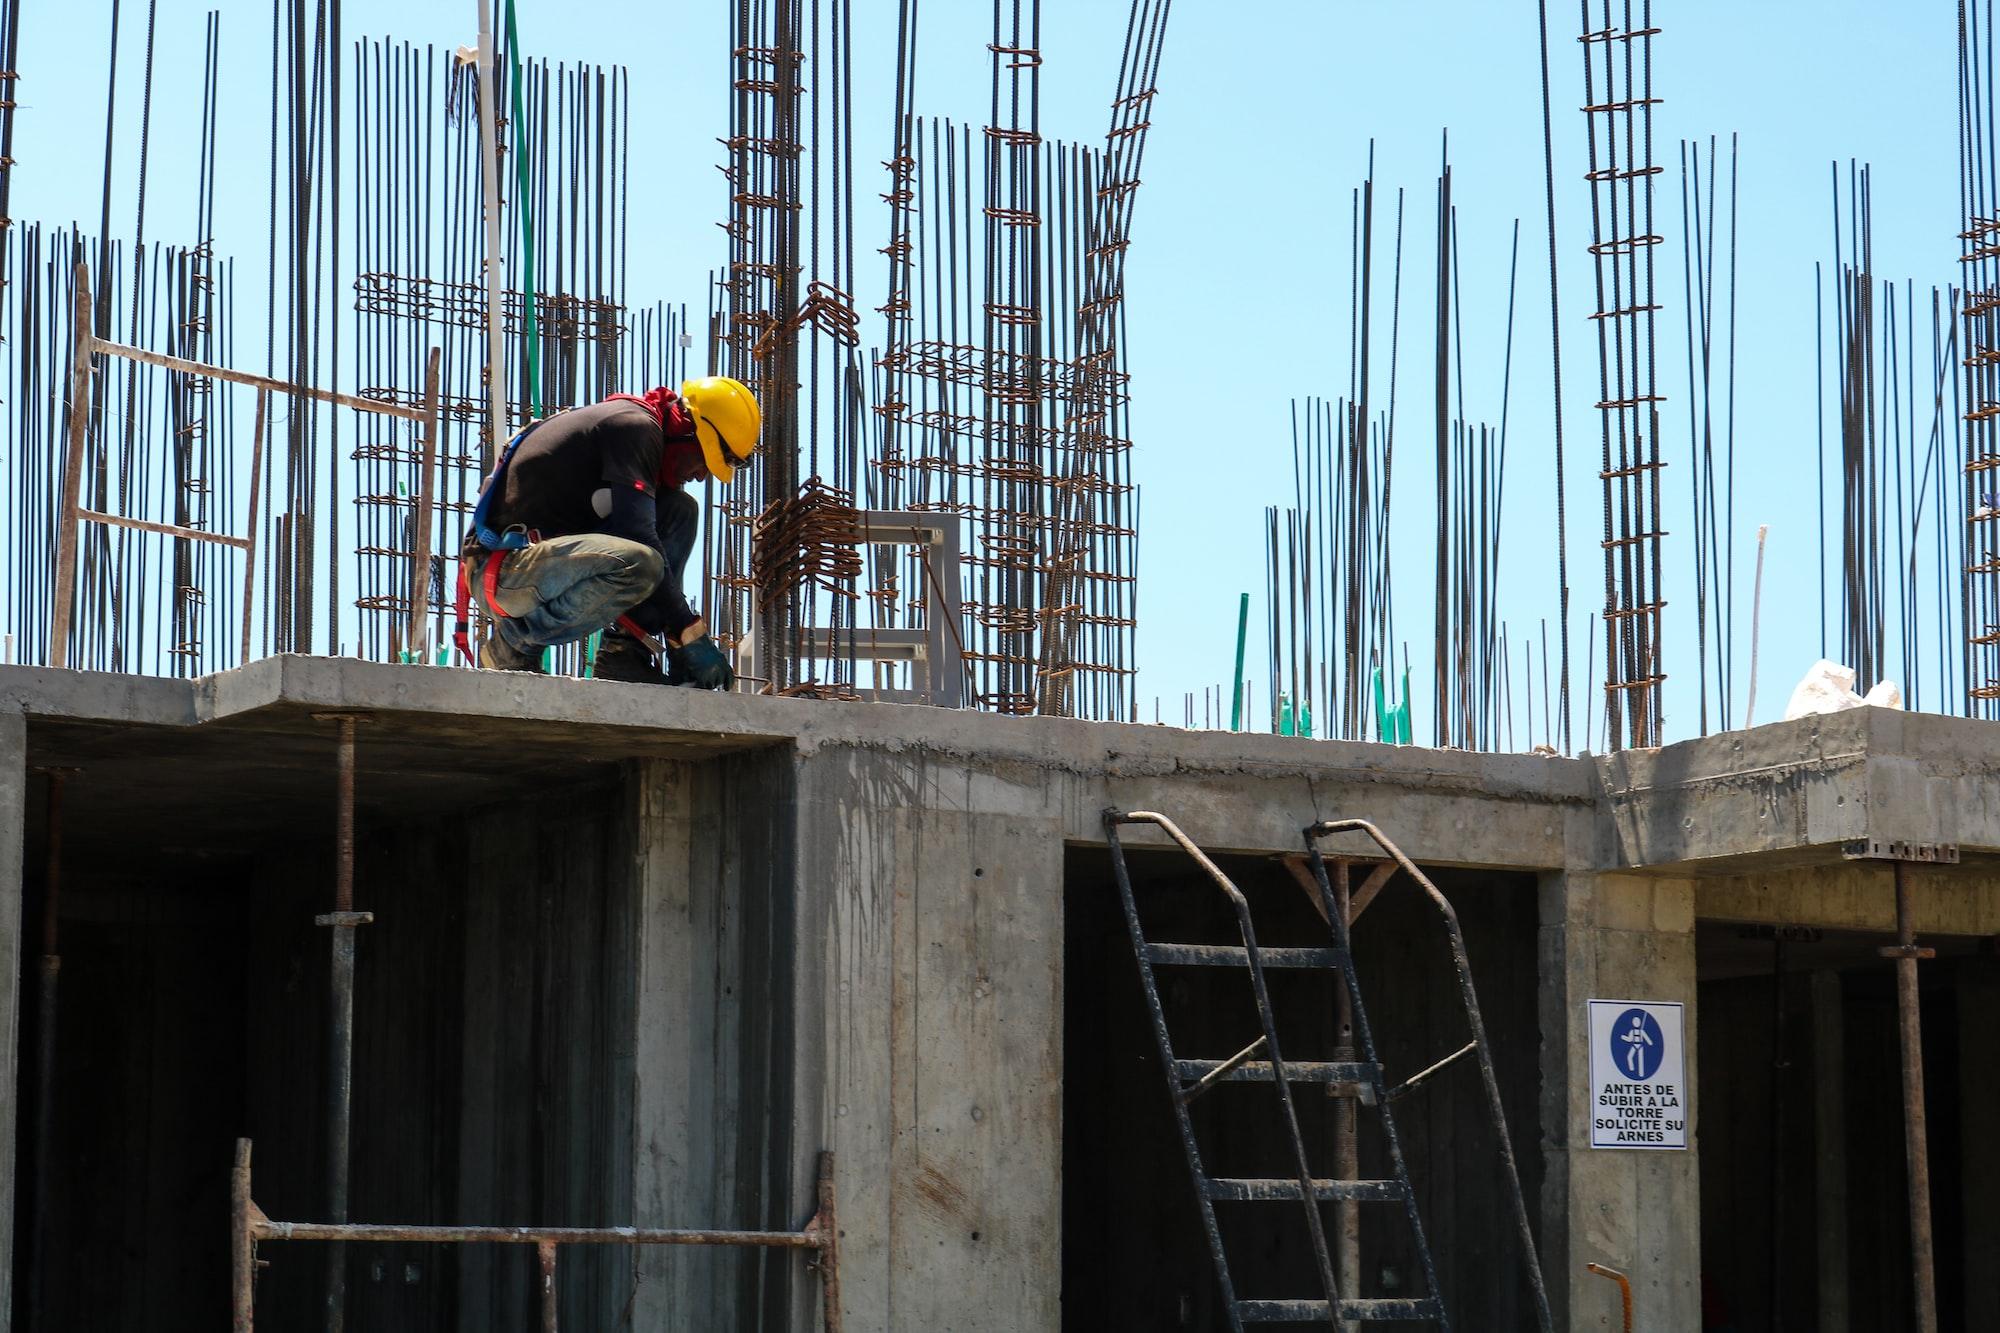 Todo sobre los salarios mínimos para 2021 en países de Latinoamérica: Colombia